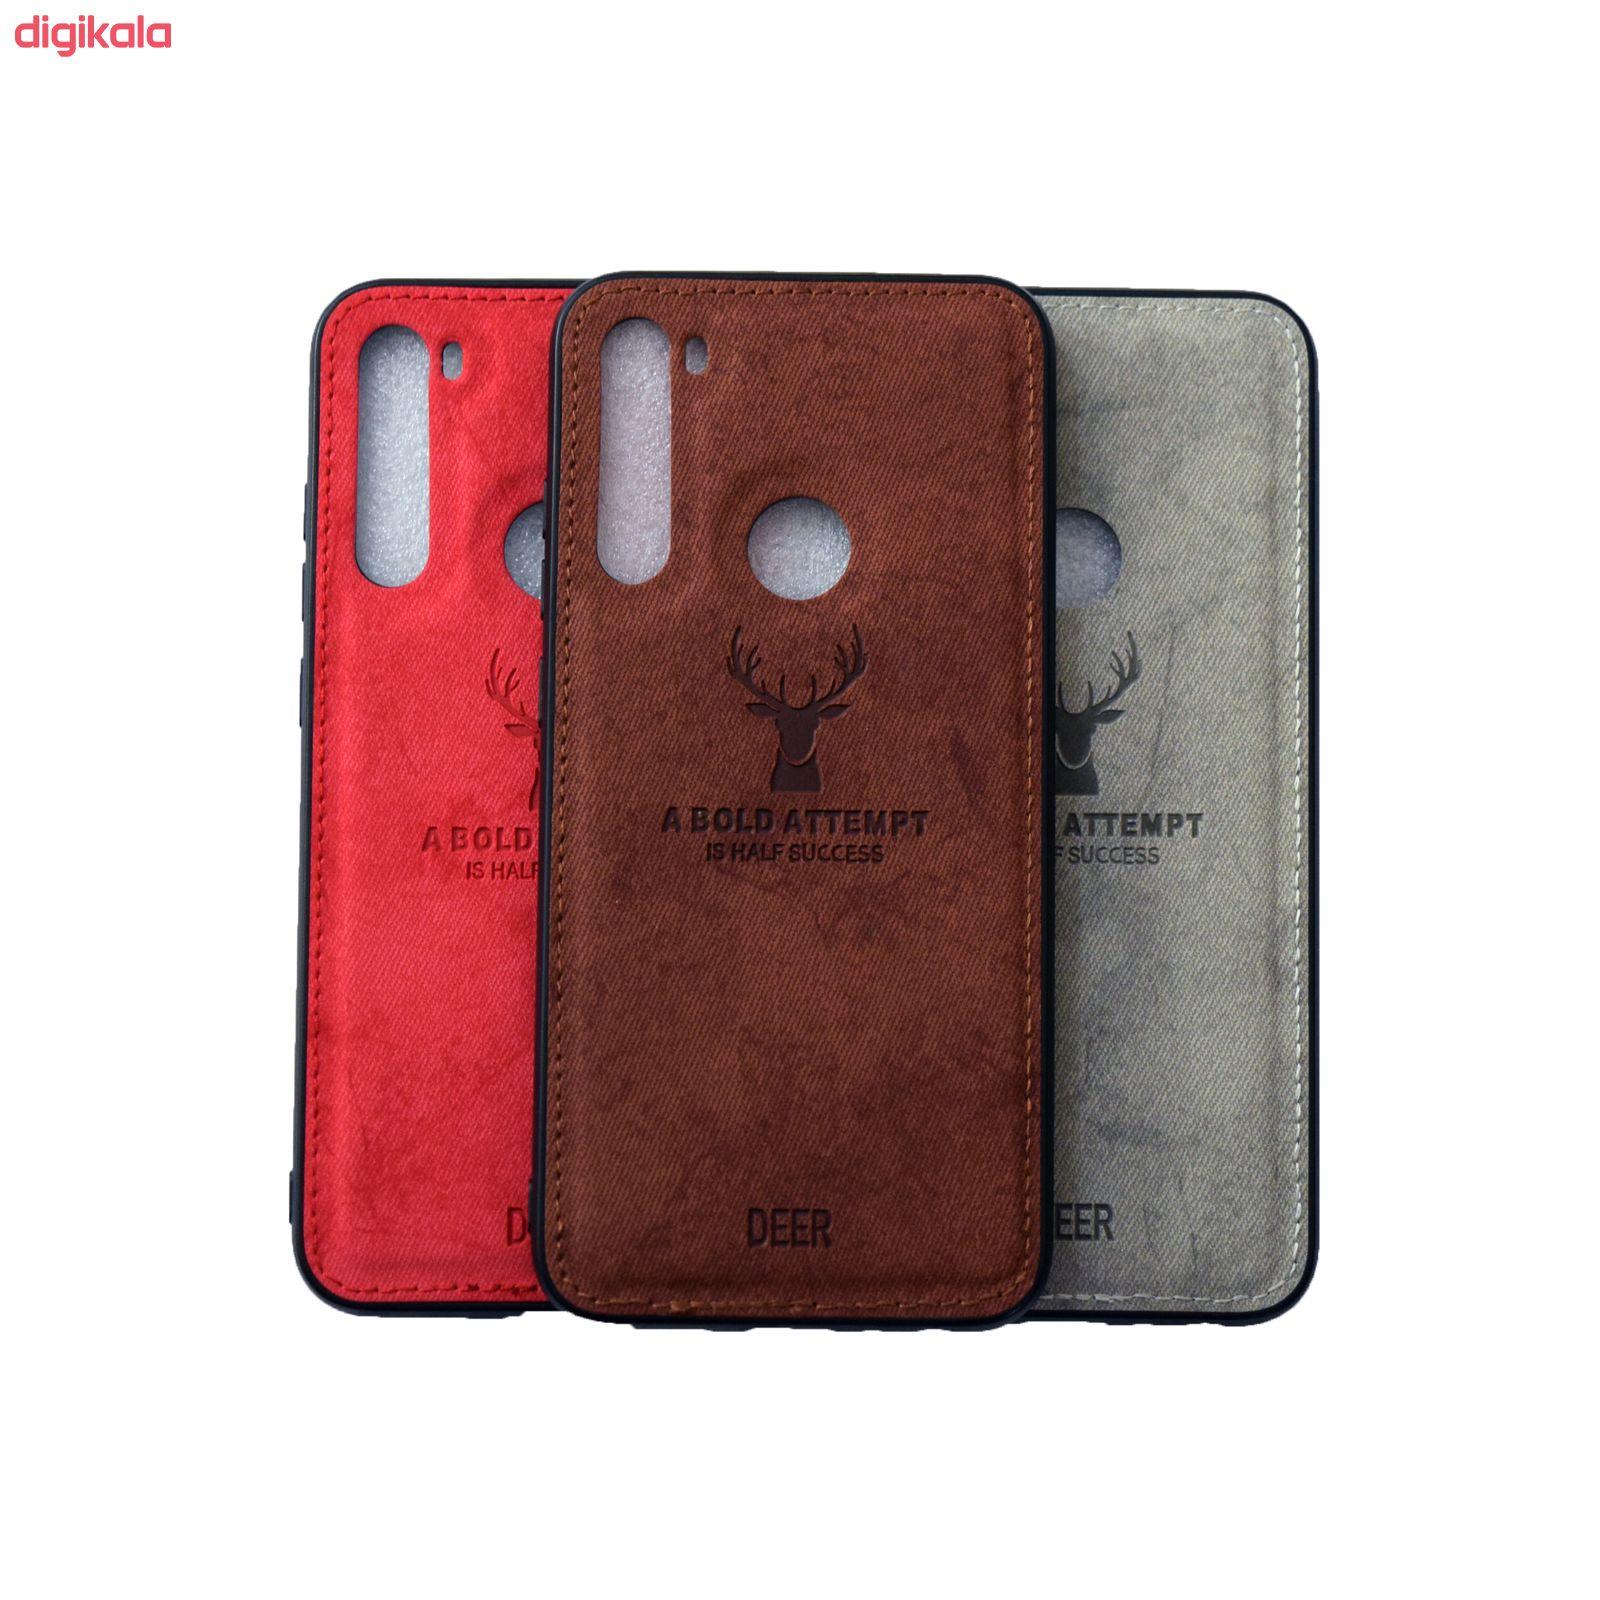 کاور مدل DR20 مناسب برای گوشی موبایل شیائومی Redmi Note 8T main 1 9